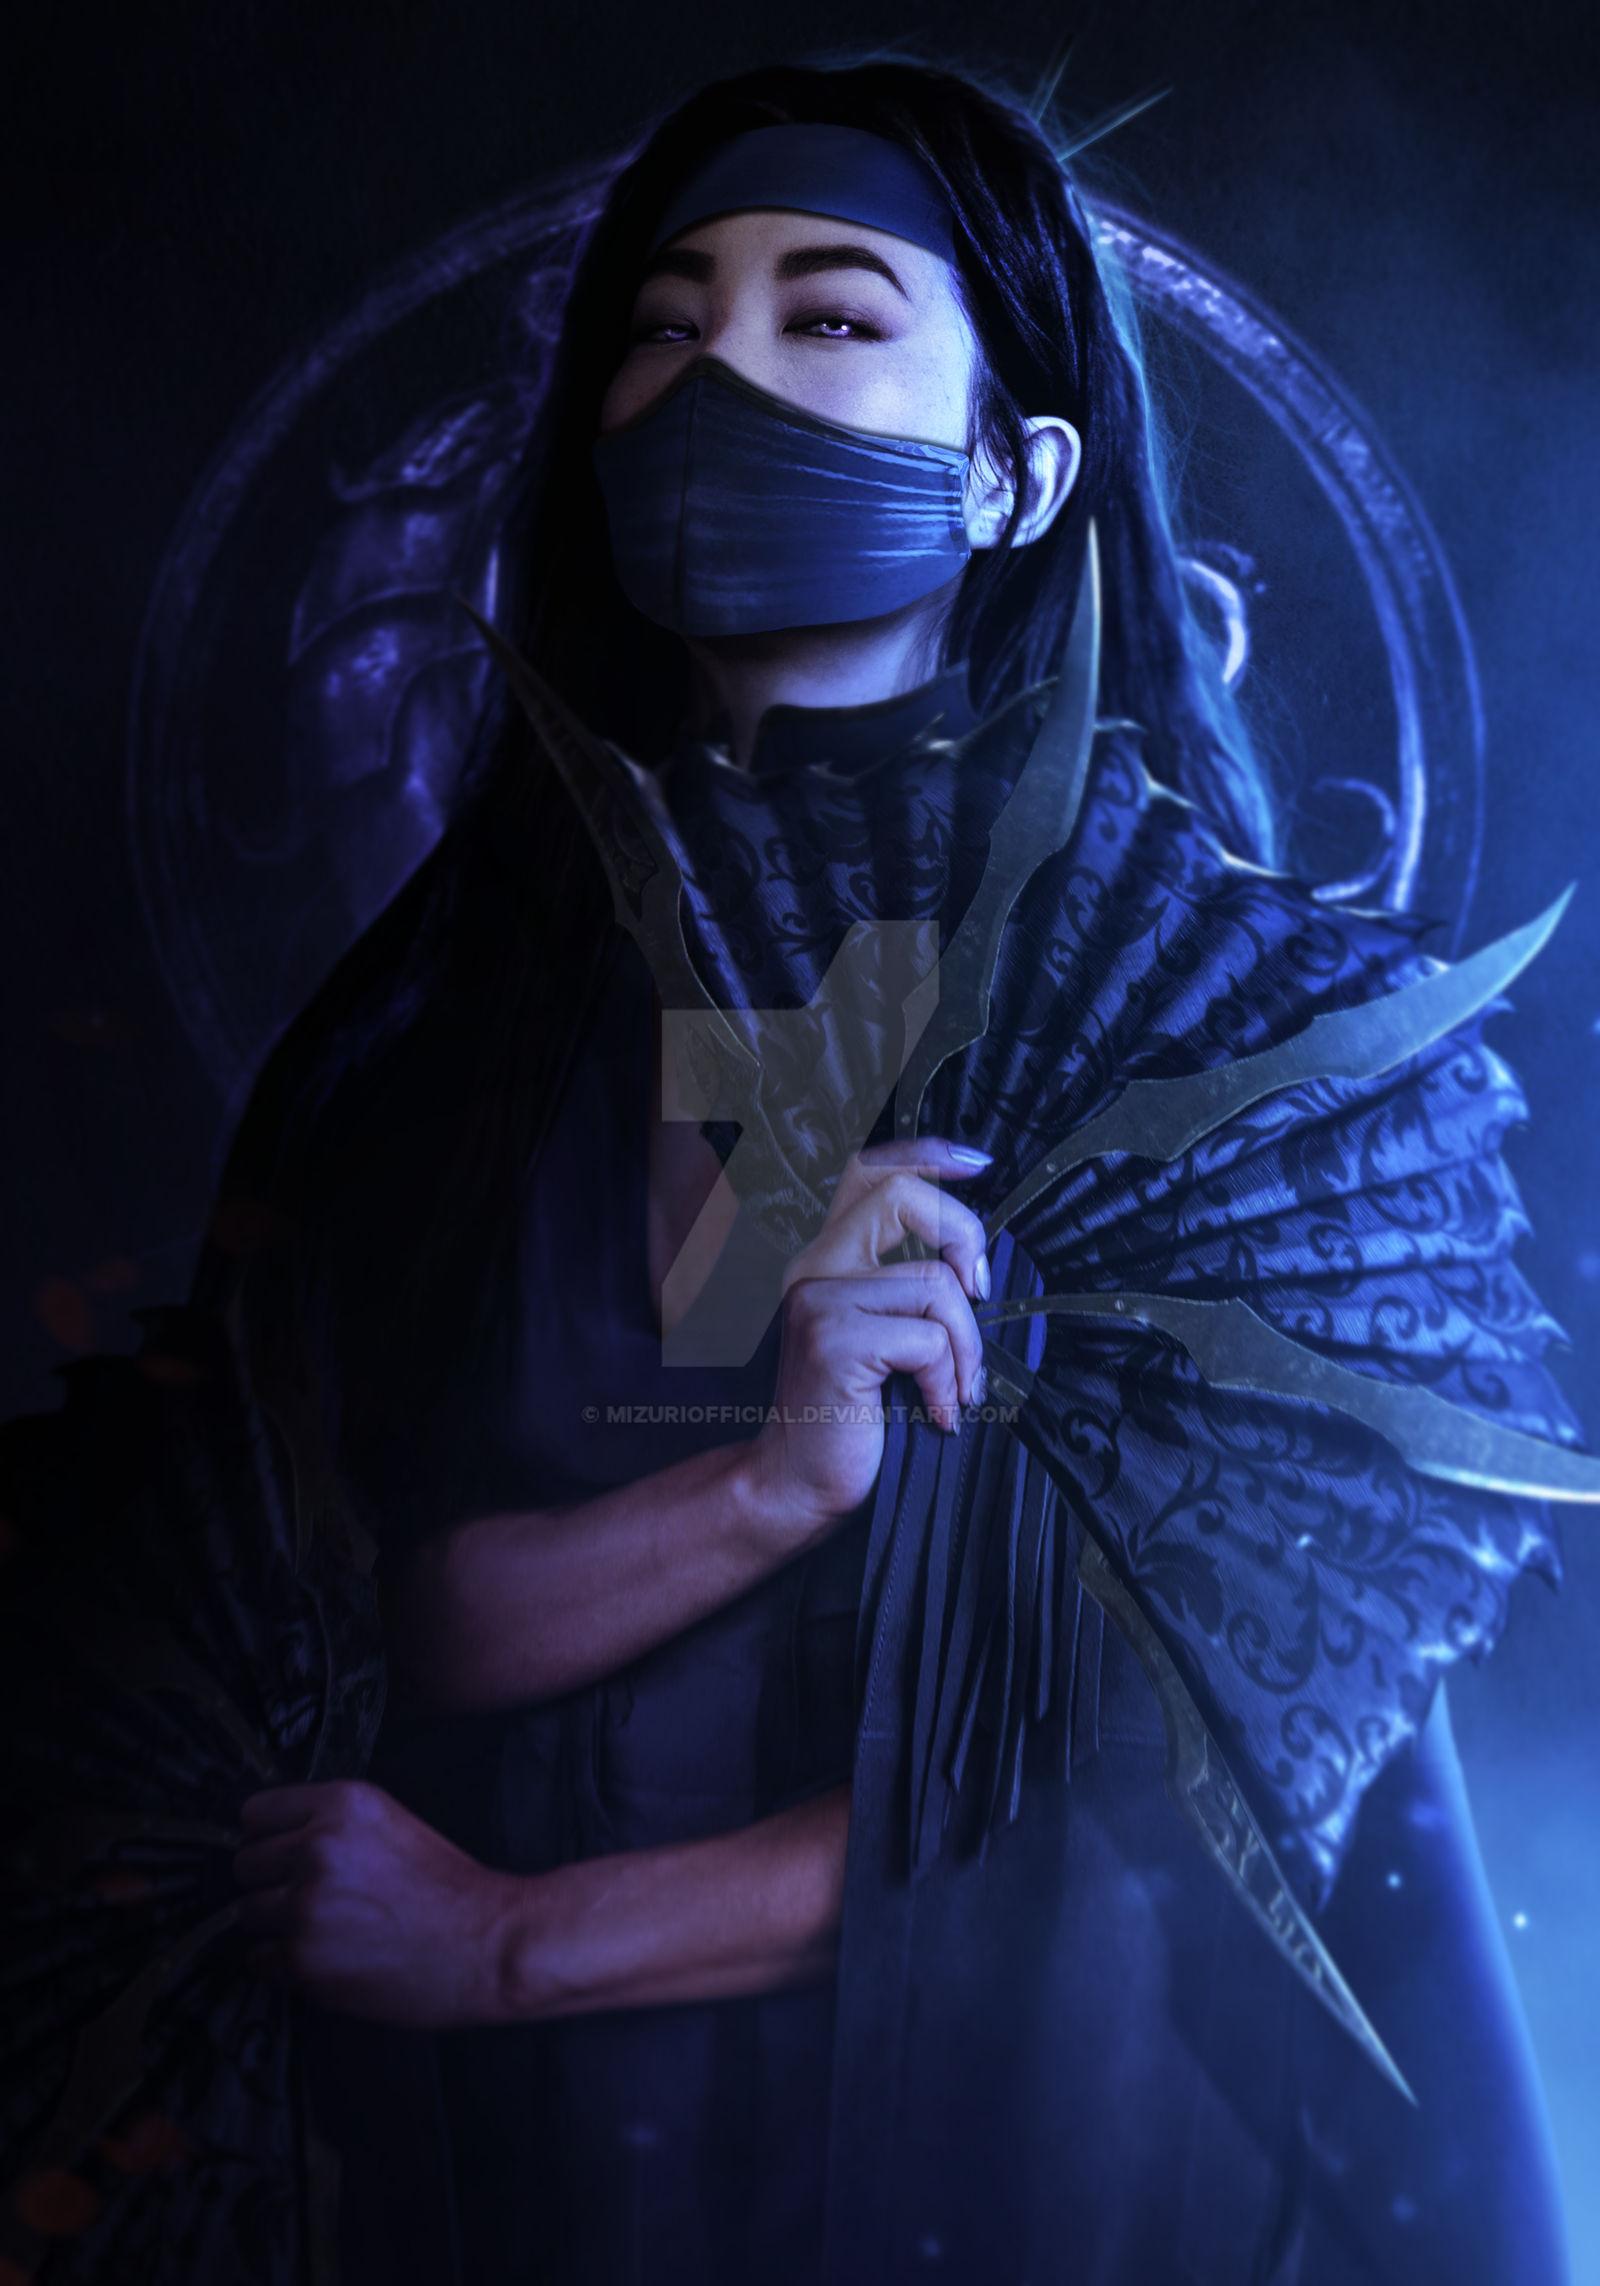 Mortal Kombat 11 Kitana By Mizuriofficial On Deviantart